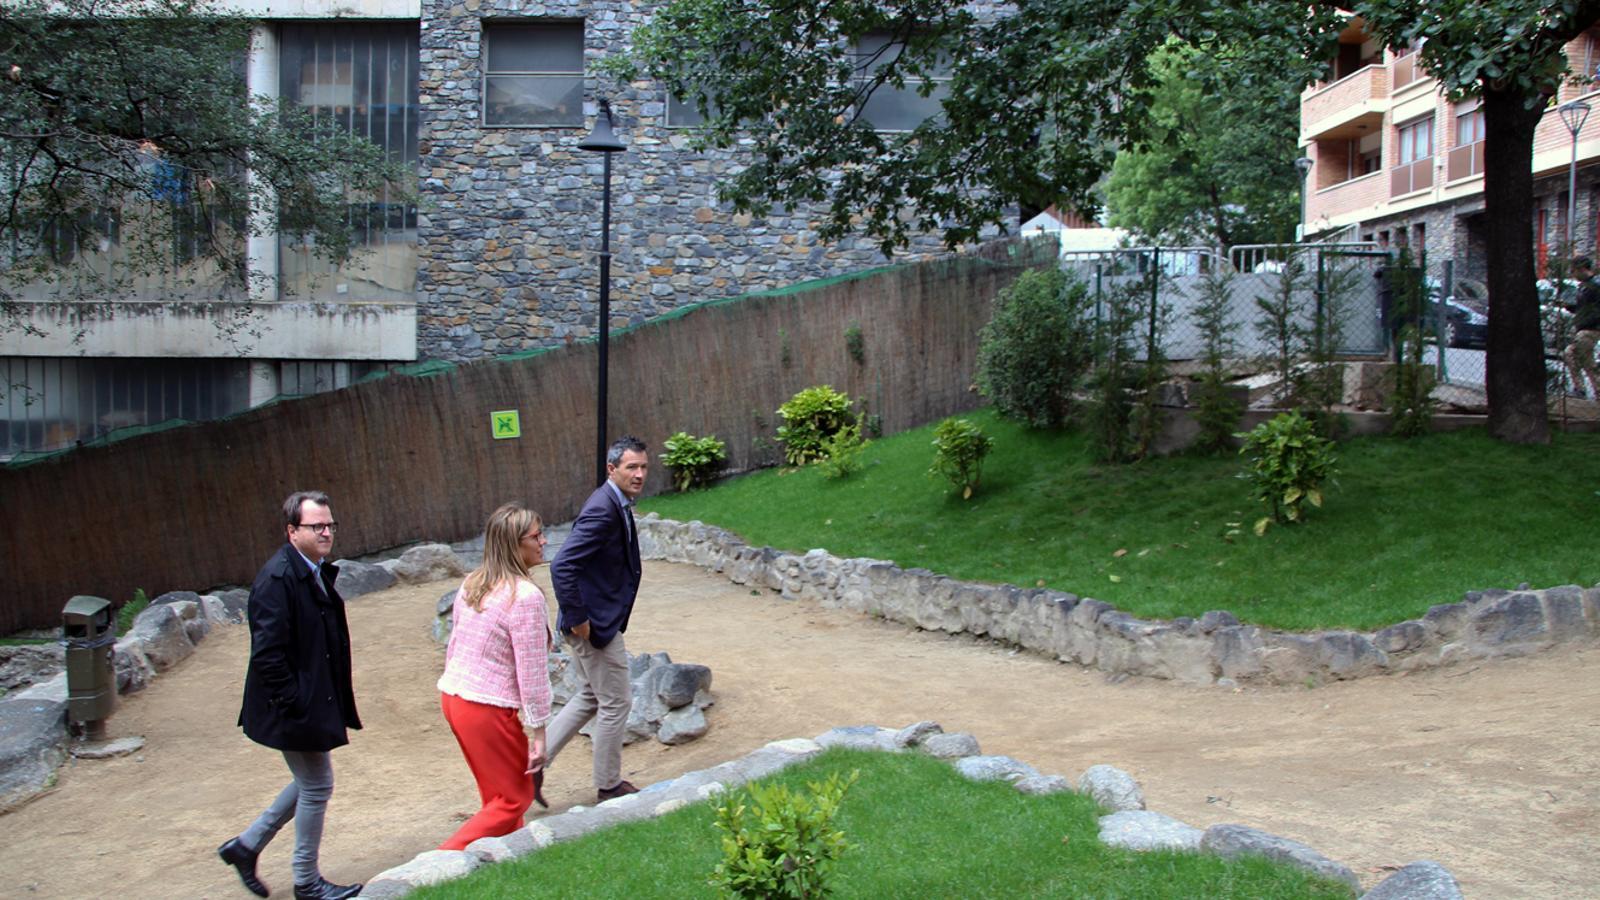 El conseller de barri Josep Antoni Cortés, la consellera de Promoció Turística i Comercial Mònica Codina, i el conseller de Medi Ambient David Astrié visiten el parc. / T. N. (ANA)